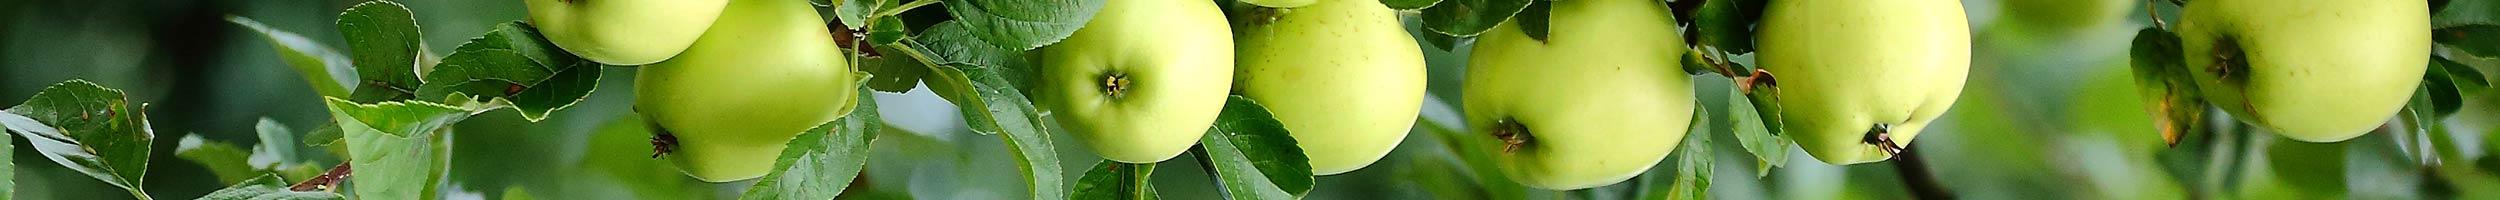 vendita piante da frutto Omegna lago d'Orta